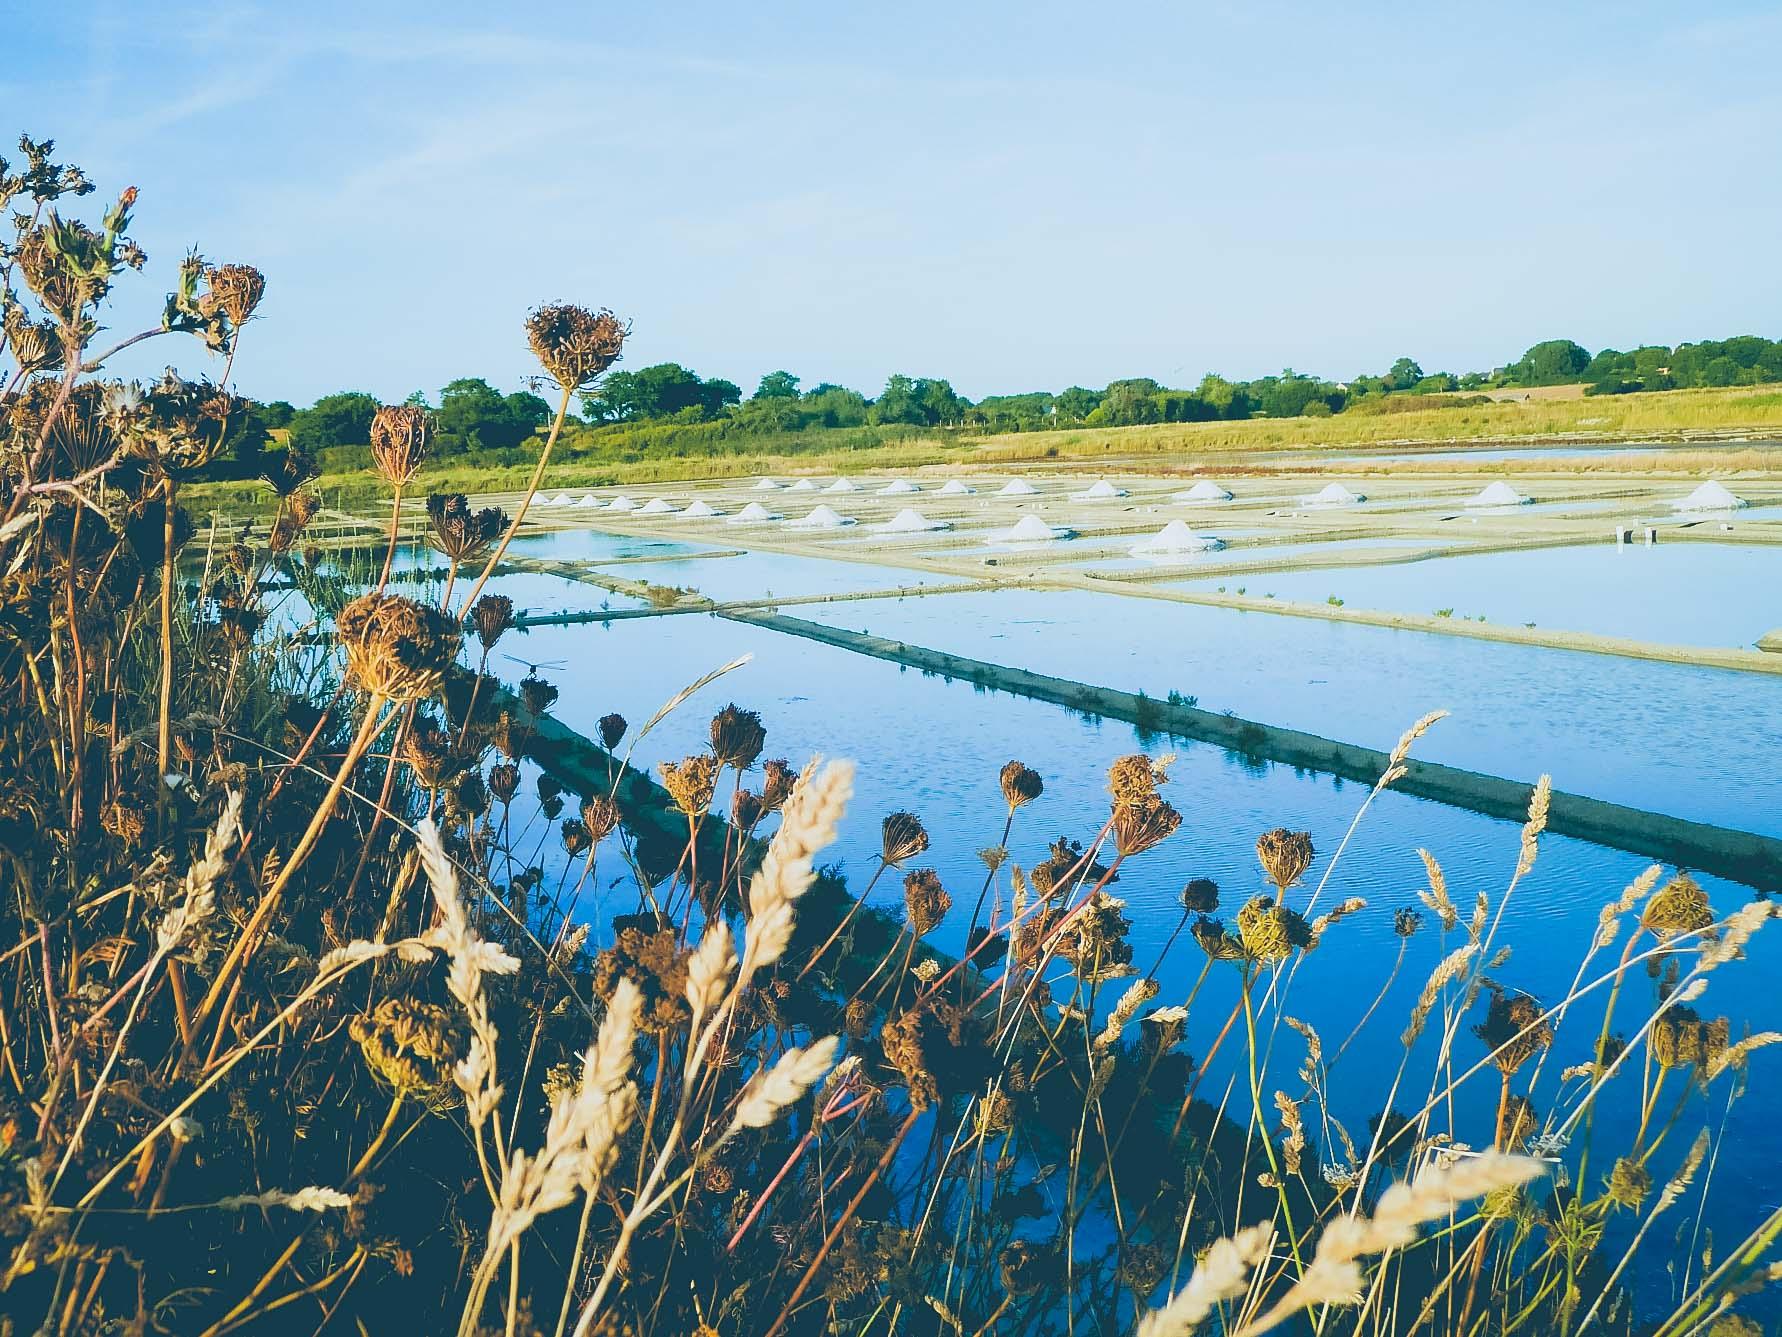 visiter-les-marais-salants-avec-un-paludier